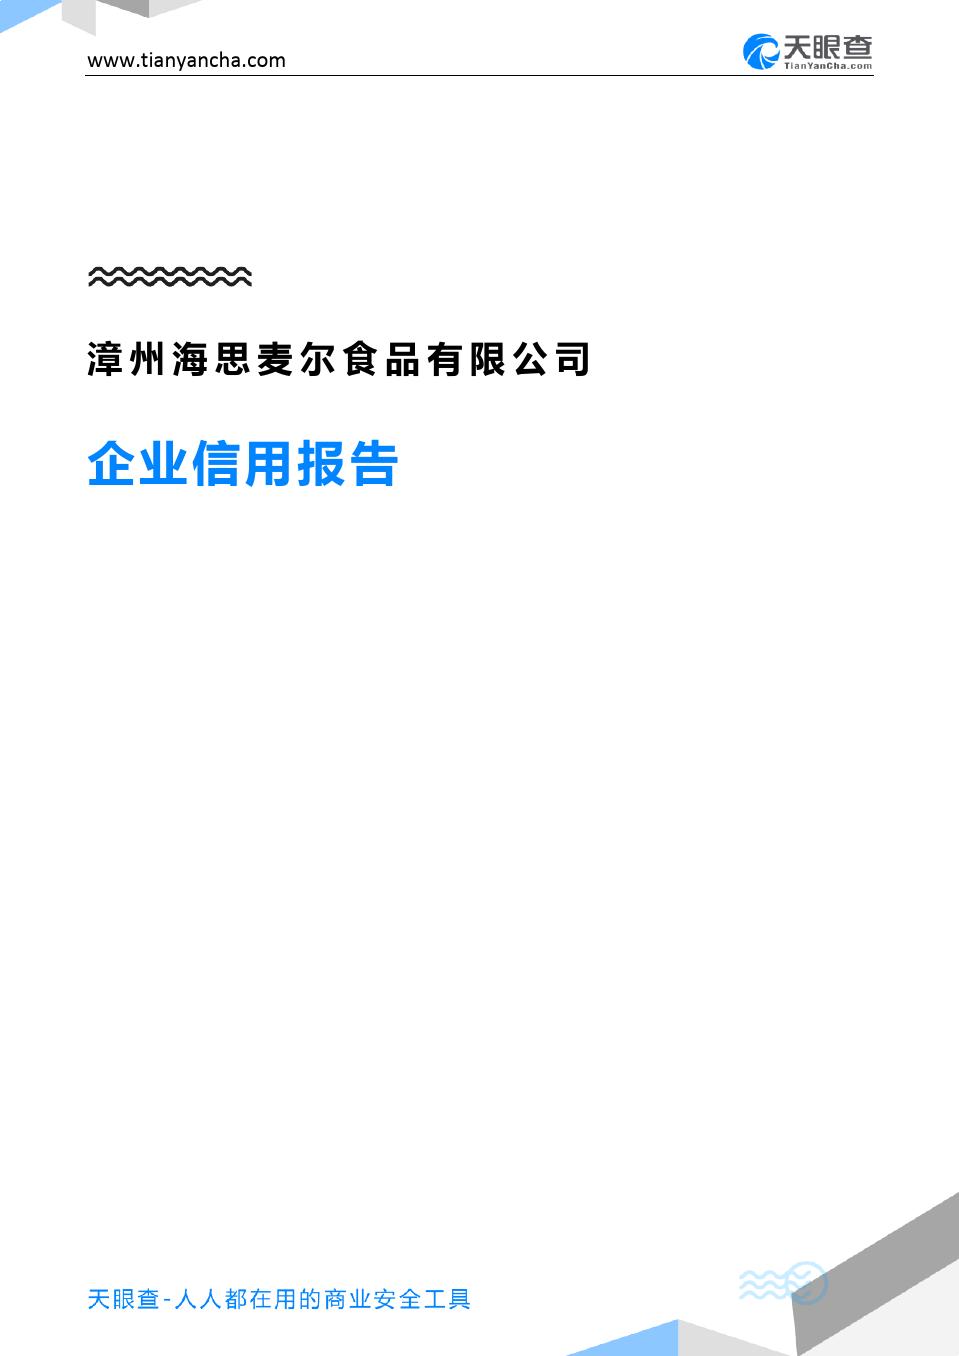 漳州海思麦尔食品有限公司(企业信用报告)- 天眼查